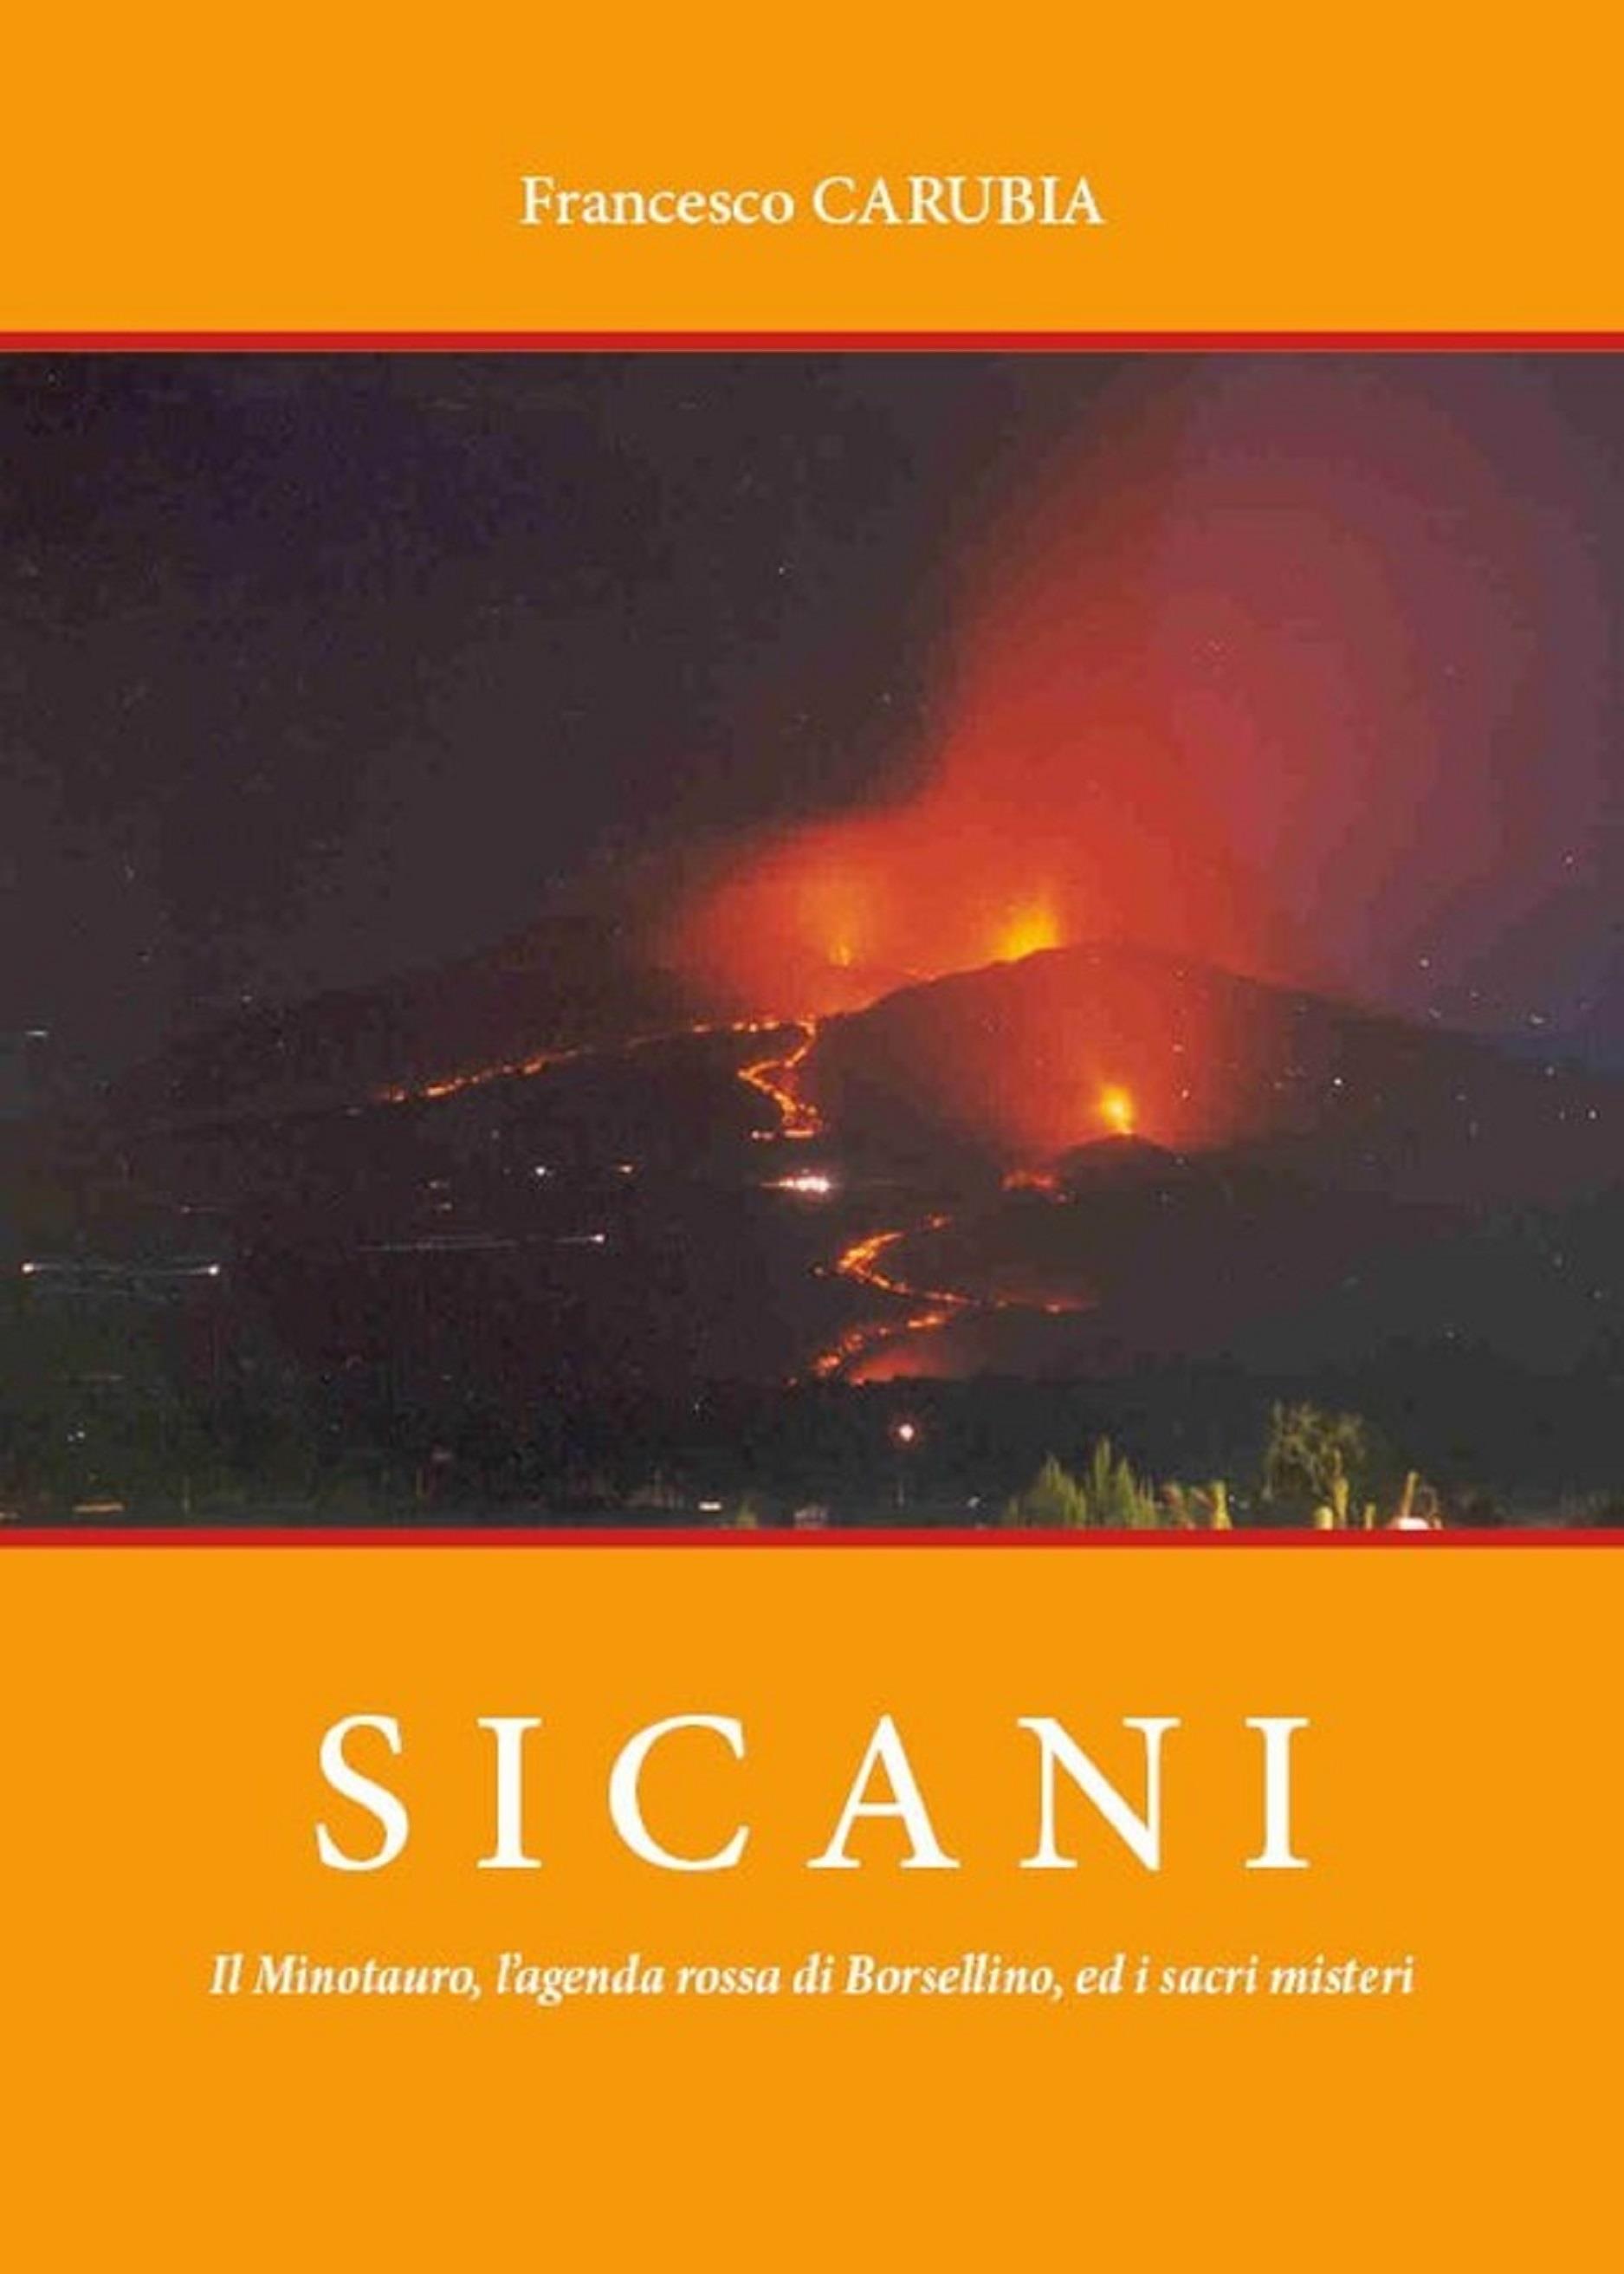 Sicani: il Minotauro, l'agenda rossa di Borsellino ed i sacri misteri